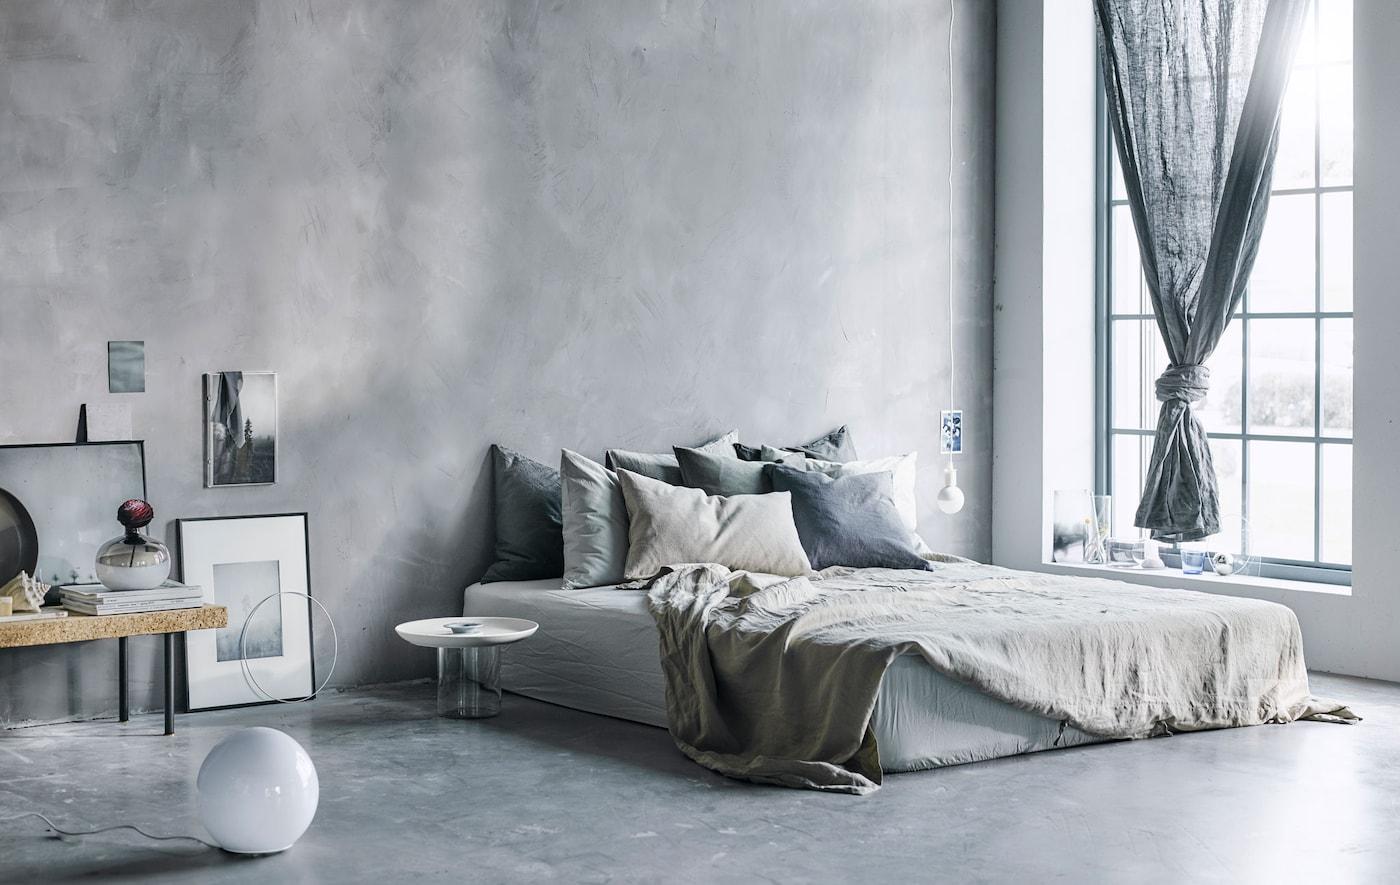 Cama grande con un montón de cojines y tejidos en tonos neutros en un dormitorio moderno y gris.